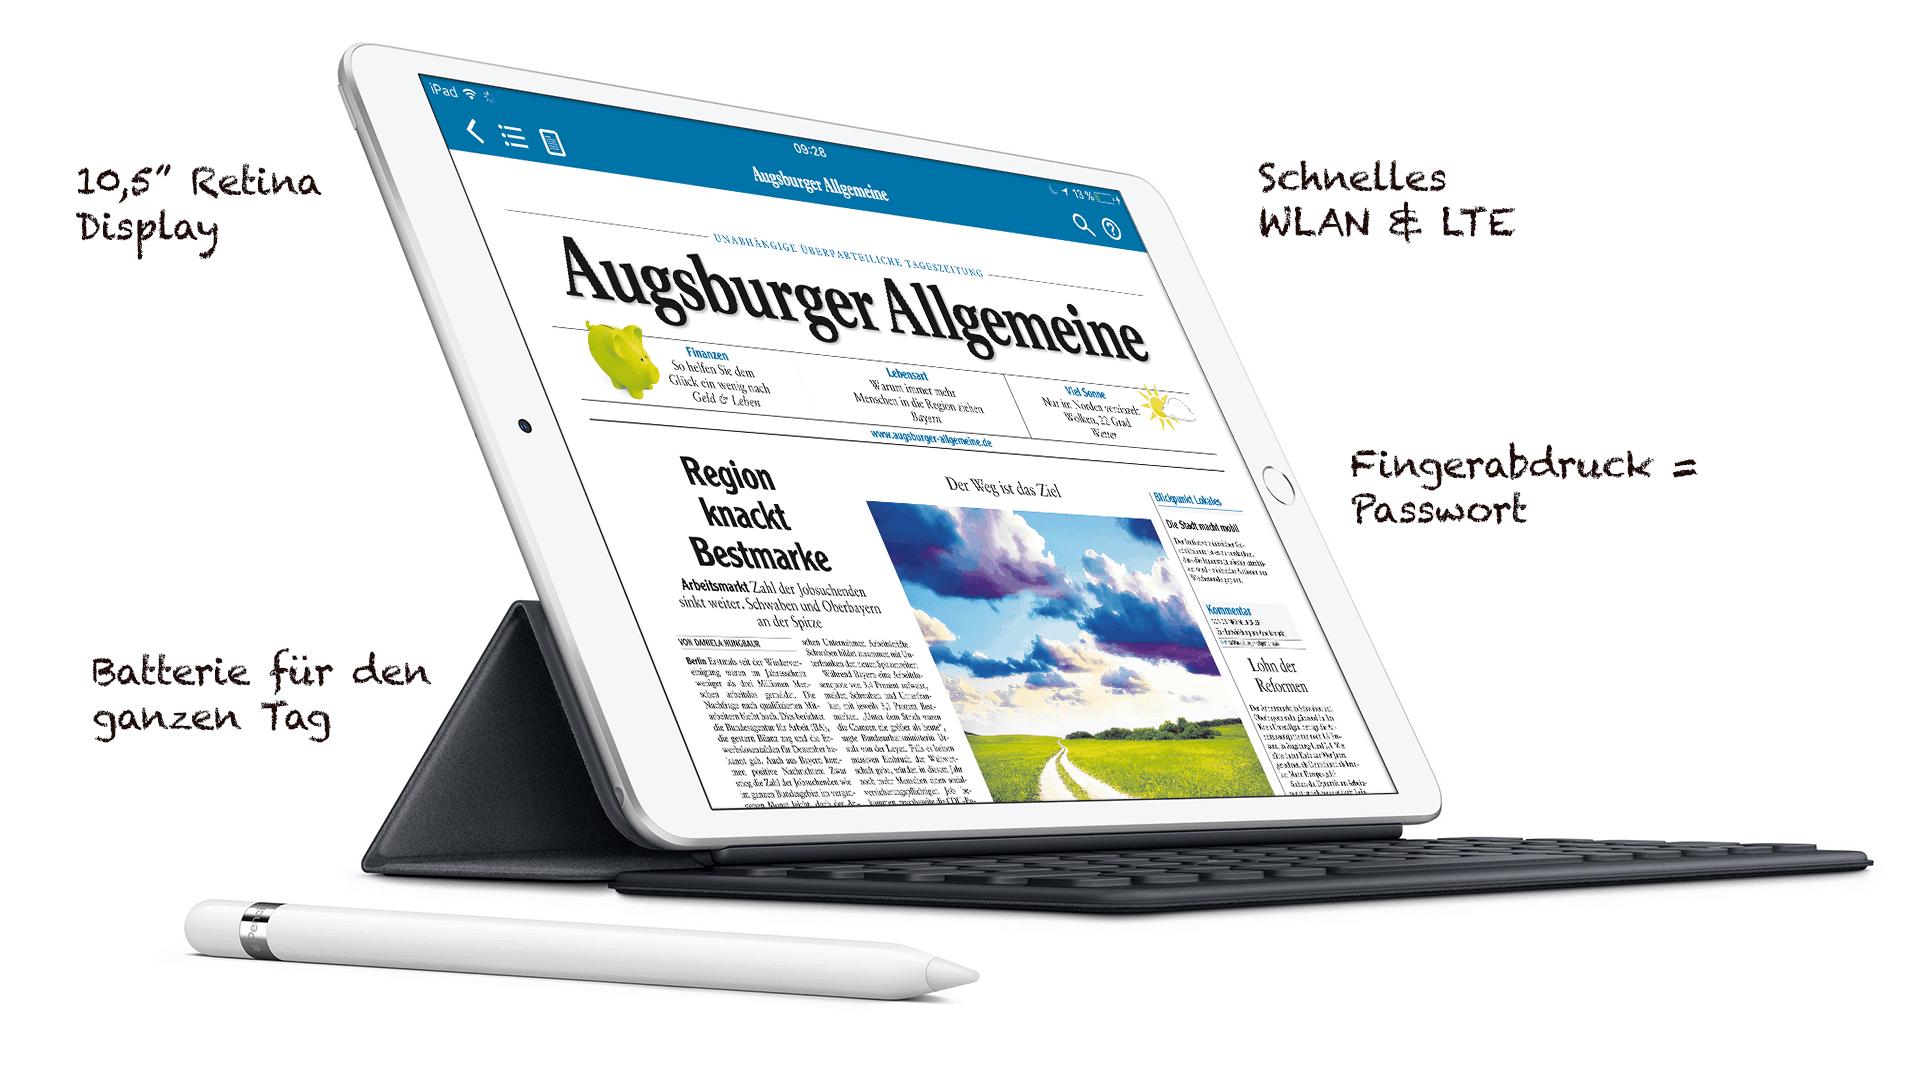 Das iPad Air - mobile Power für alles was Sie machen möchten.